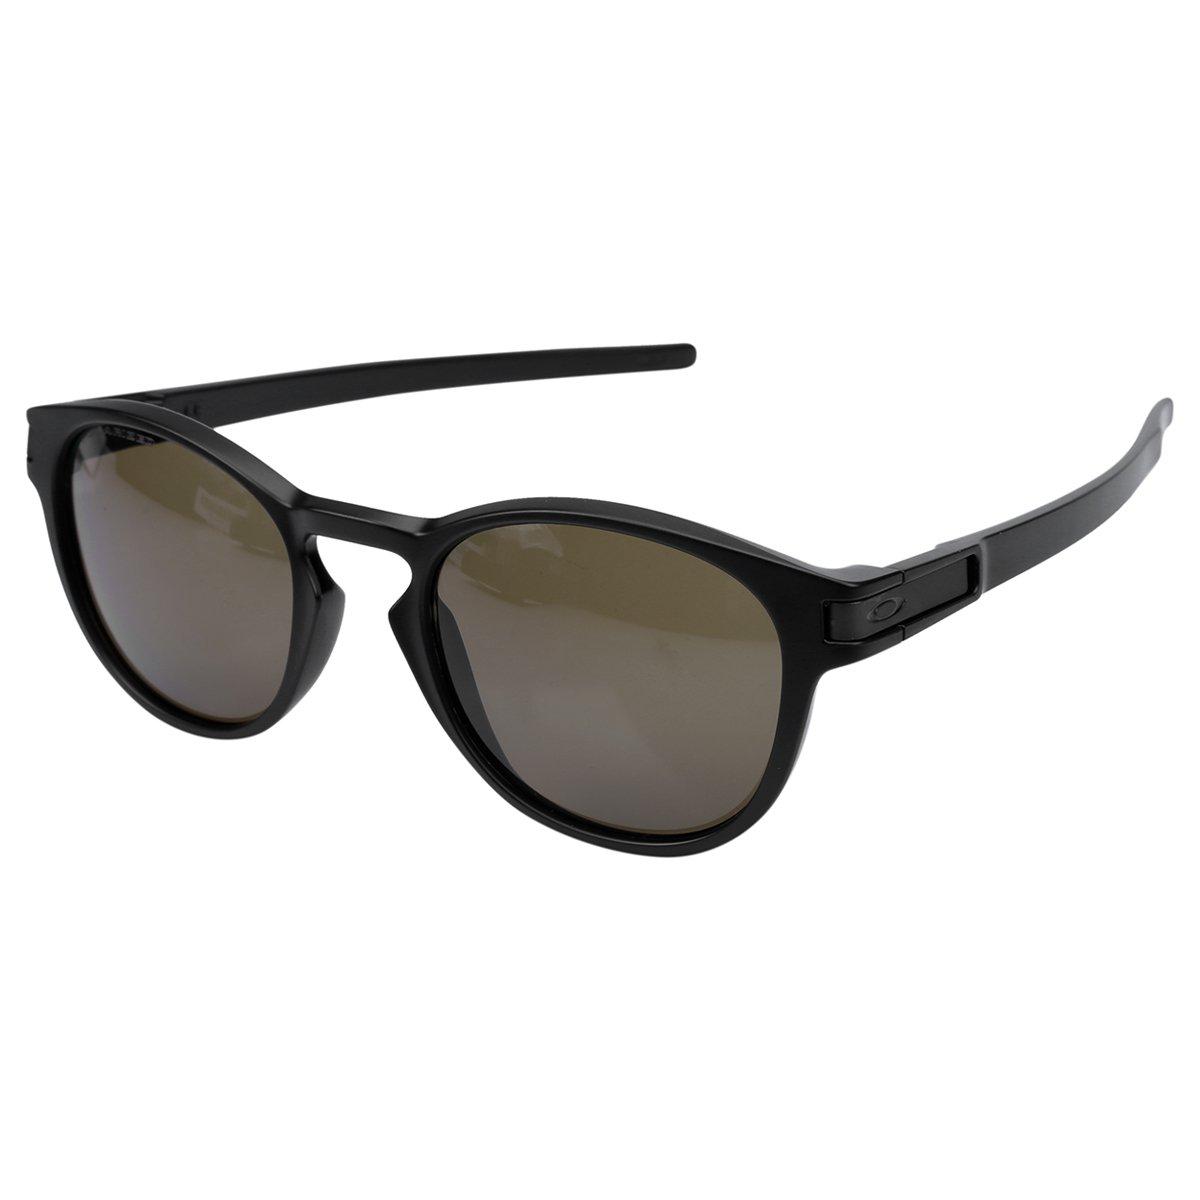 4ffa0031c6c81 Oculos Oakley Polarizado Azul   Louisiana Bucket Brigade